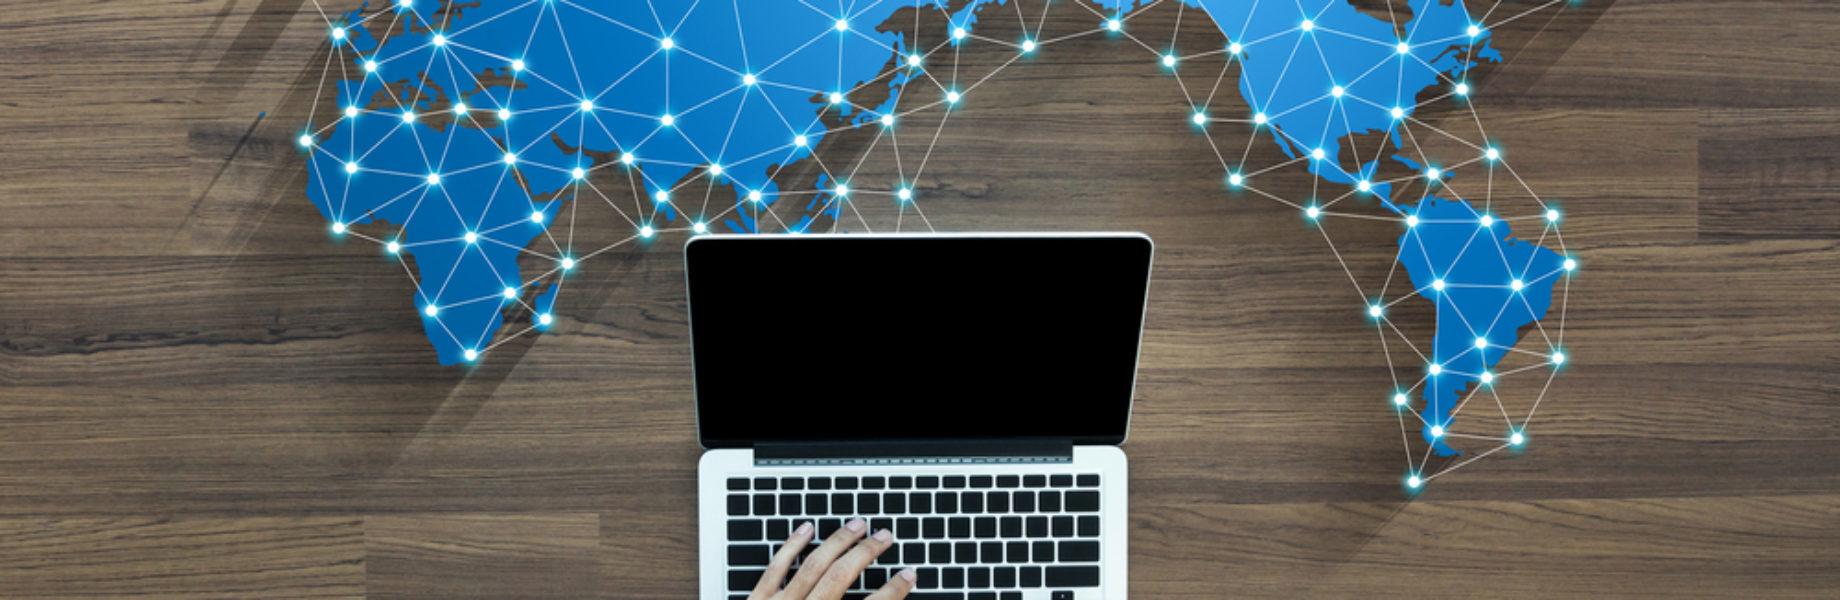 Software kostenlos international vermarkten auf appvizer